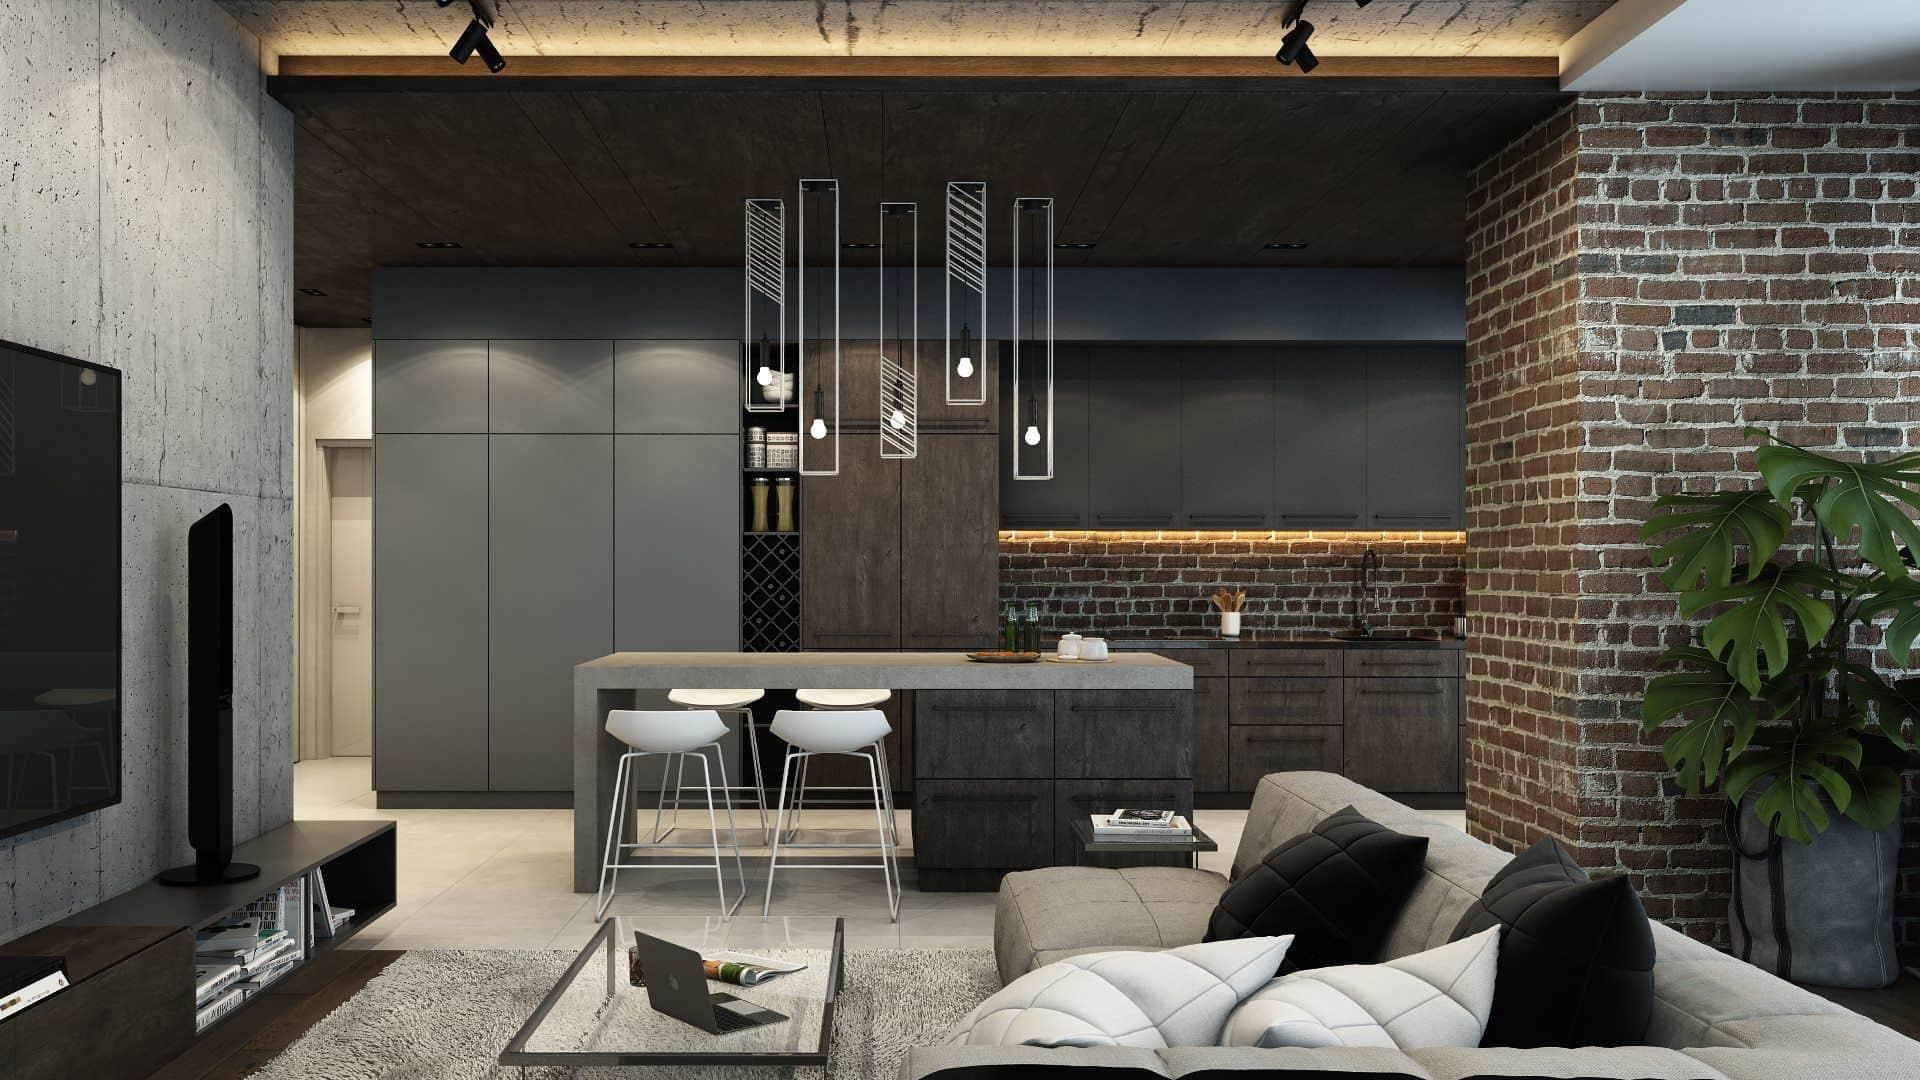 Les ampoules ordinaires au-dessus de la table à manger seront avantageuses si elles sont décorées d'élégants plafonds d'auteur.